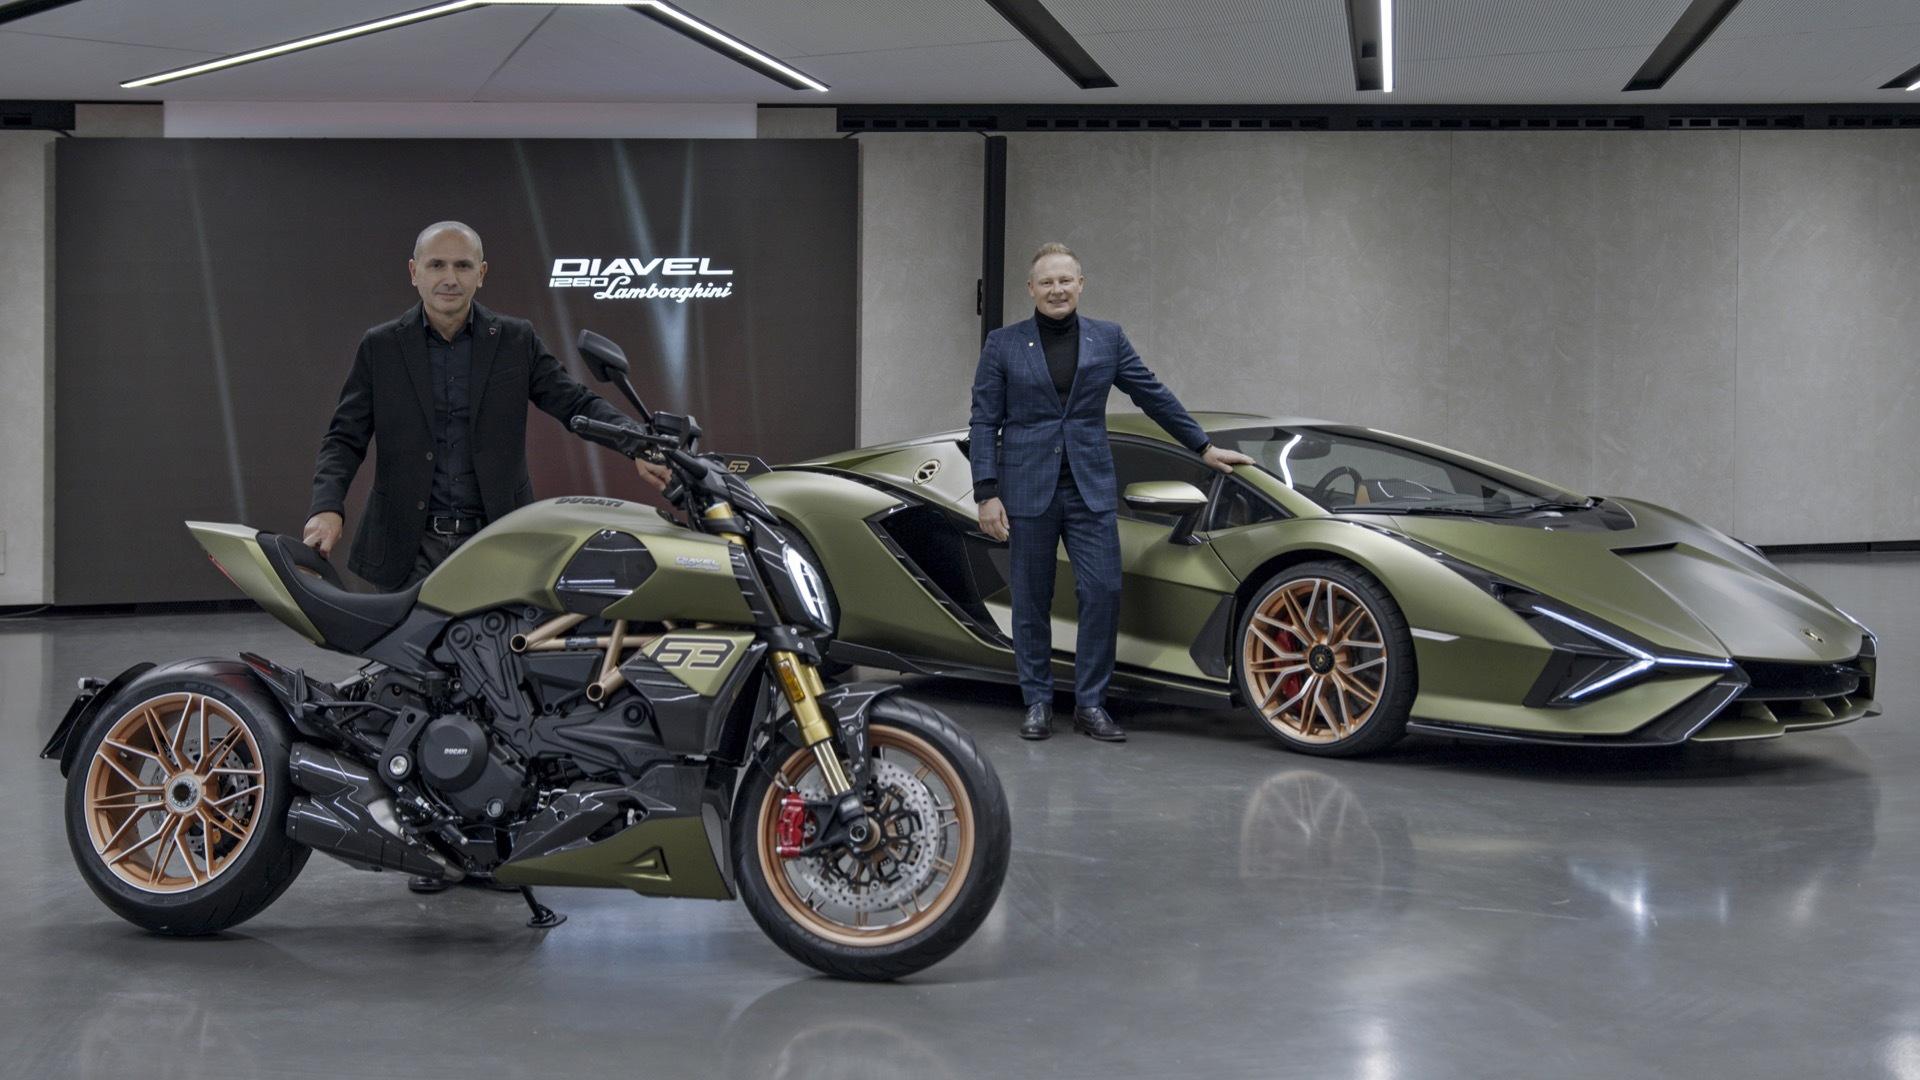 Centro Stile Ducati director Andrea Ferrariesi and Lamborghini design boss Mitja Borkert